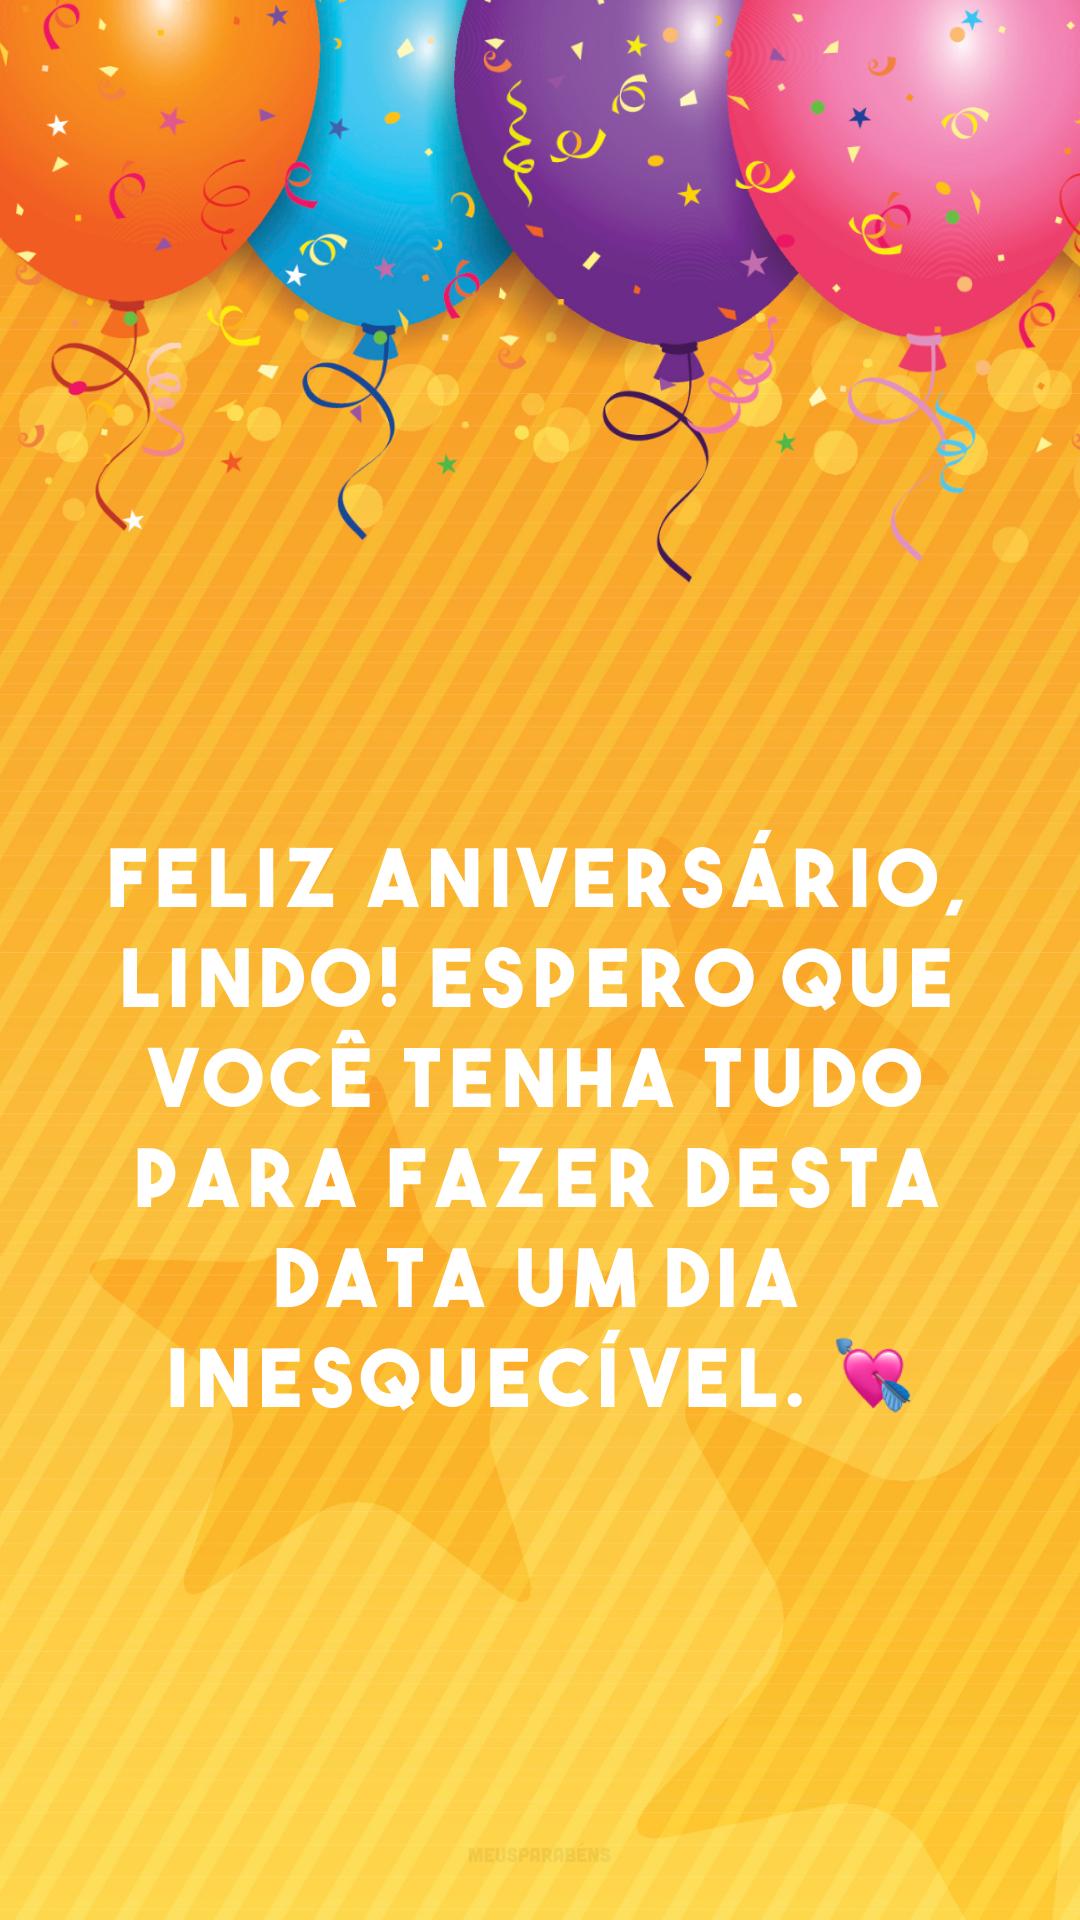 Feliz aniversário, lindo! Espero que você tenha tudo para fazer desta data um dia inesquecível. 💘